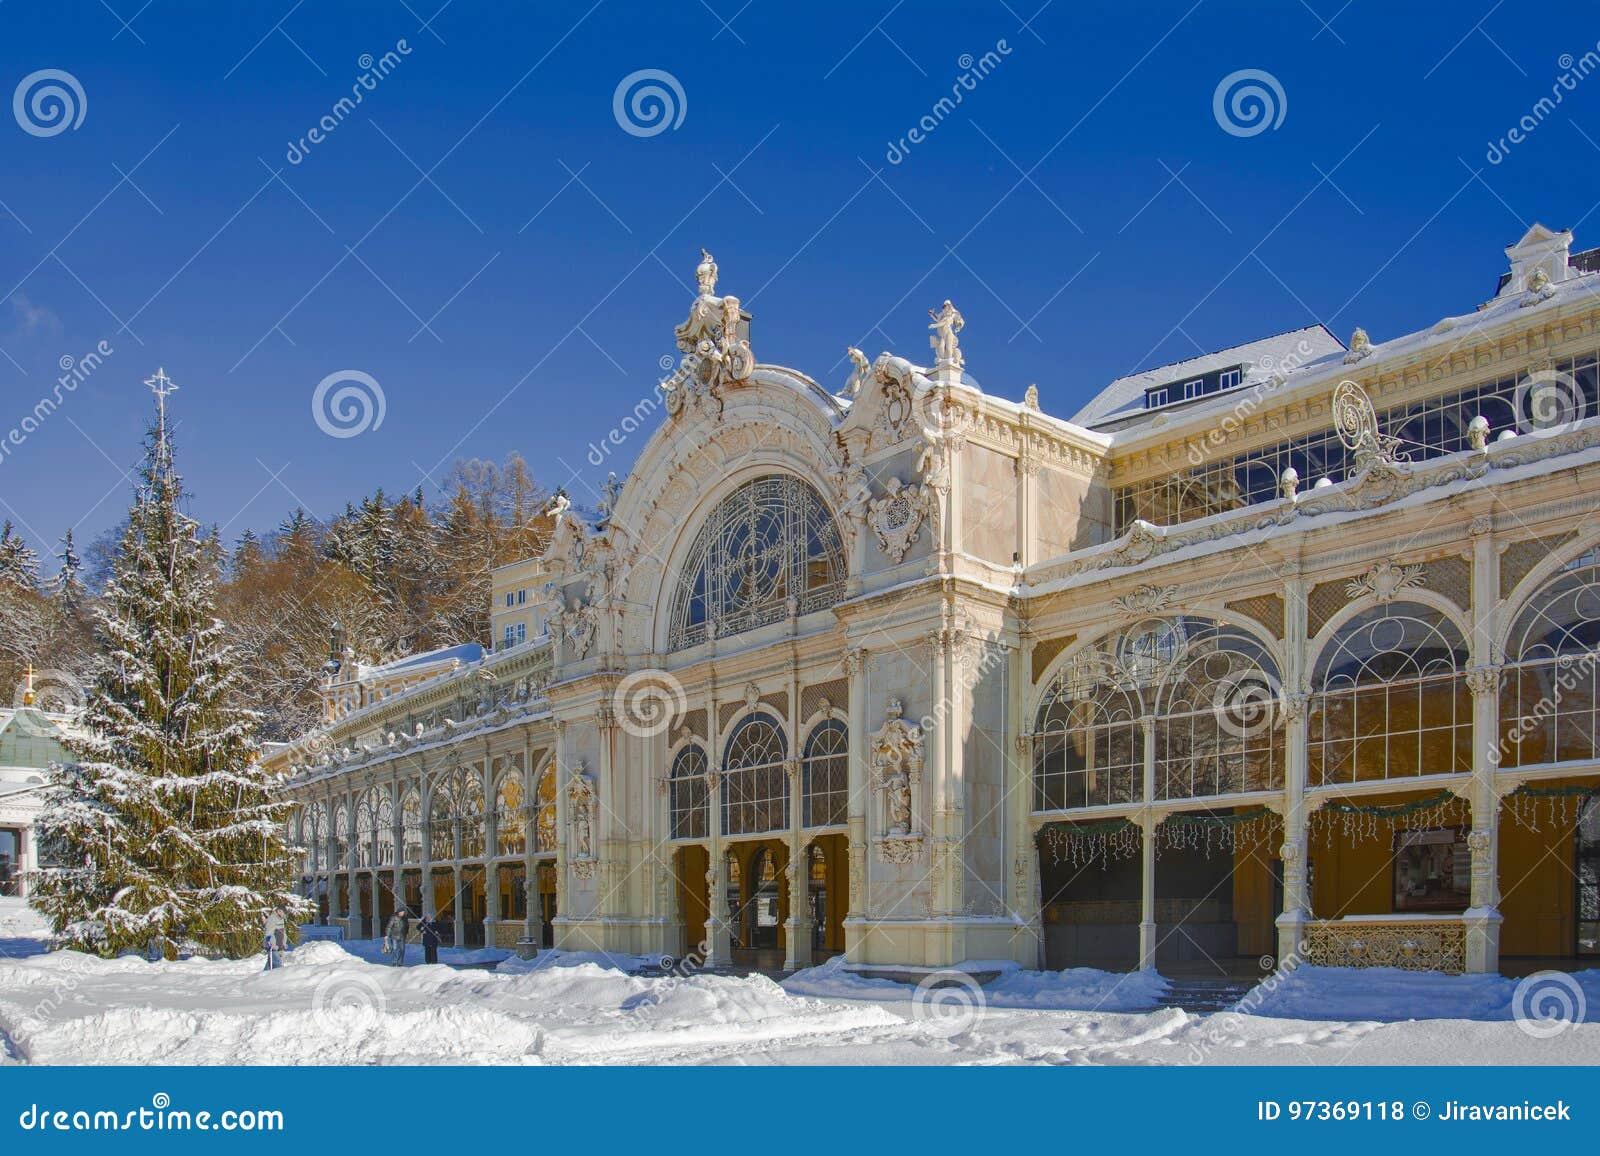 Zdrój główna kolumnada w zimie republika czech - Marianske Lazne -